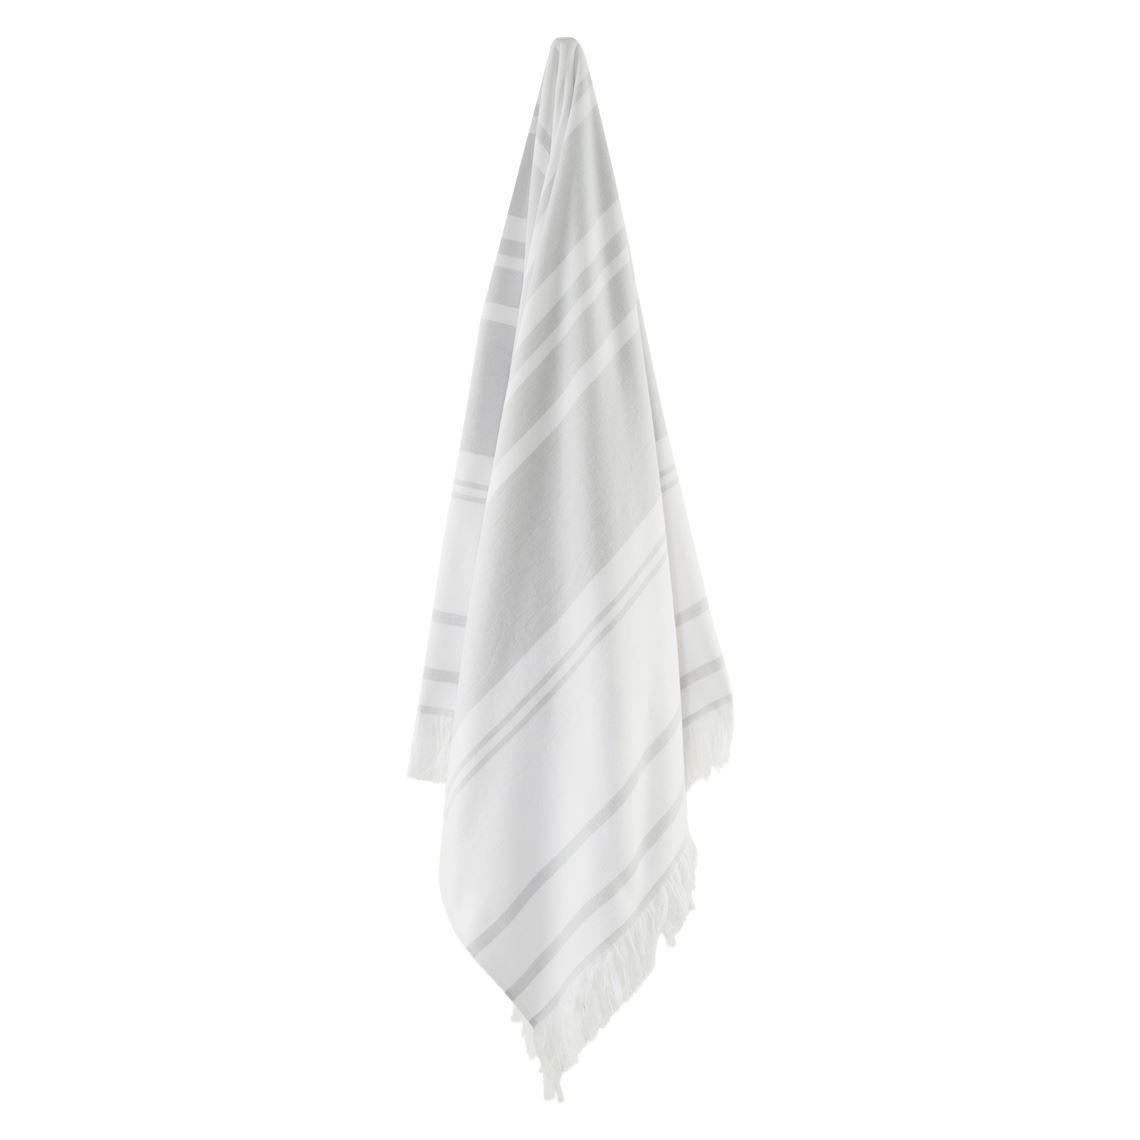 Bellagio Hammam Towel Size W 12cm x D 42cm x H 12cm in Soft Grey Freedom